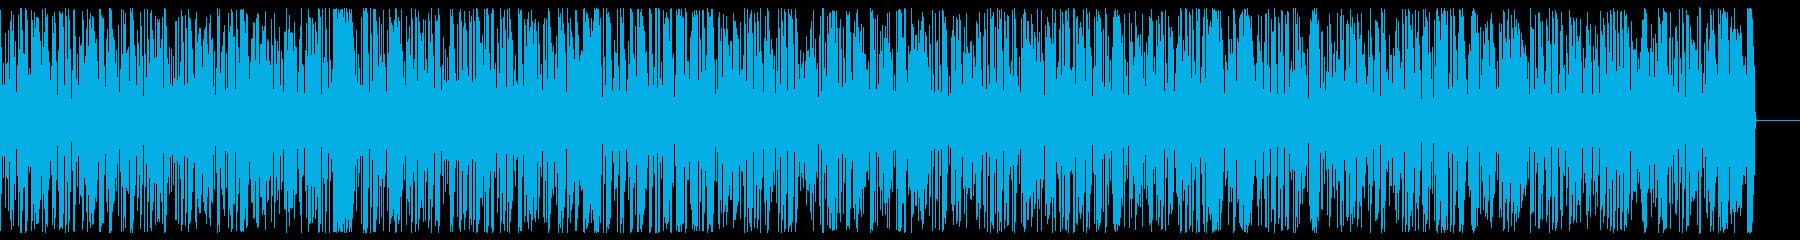 エネルギッシュで速い ジャズピアノBGMの再生済みの波形